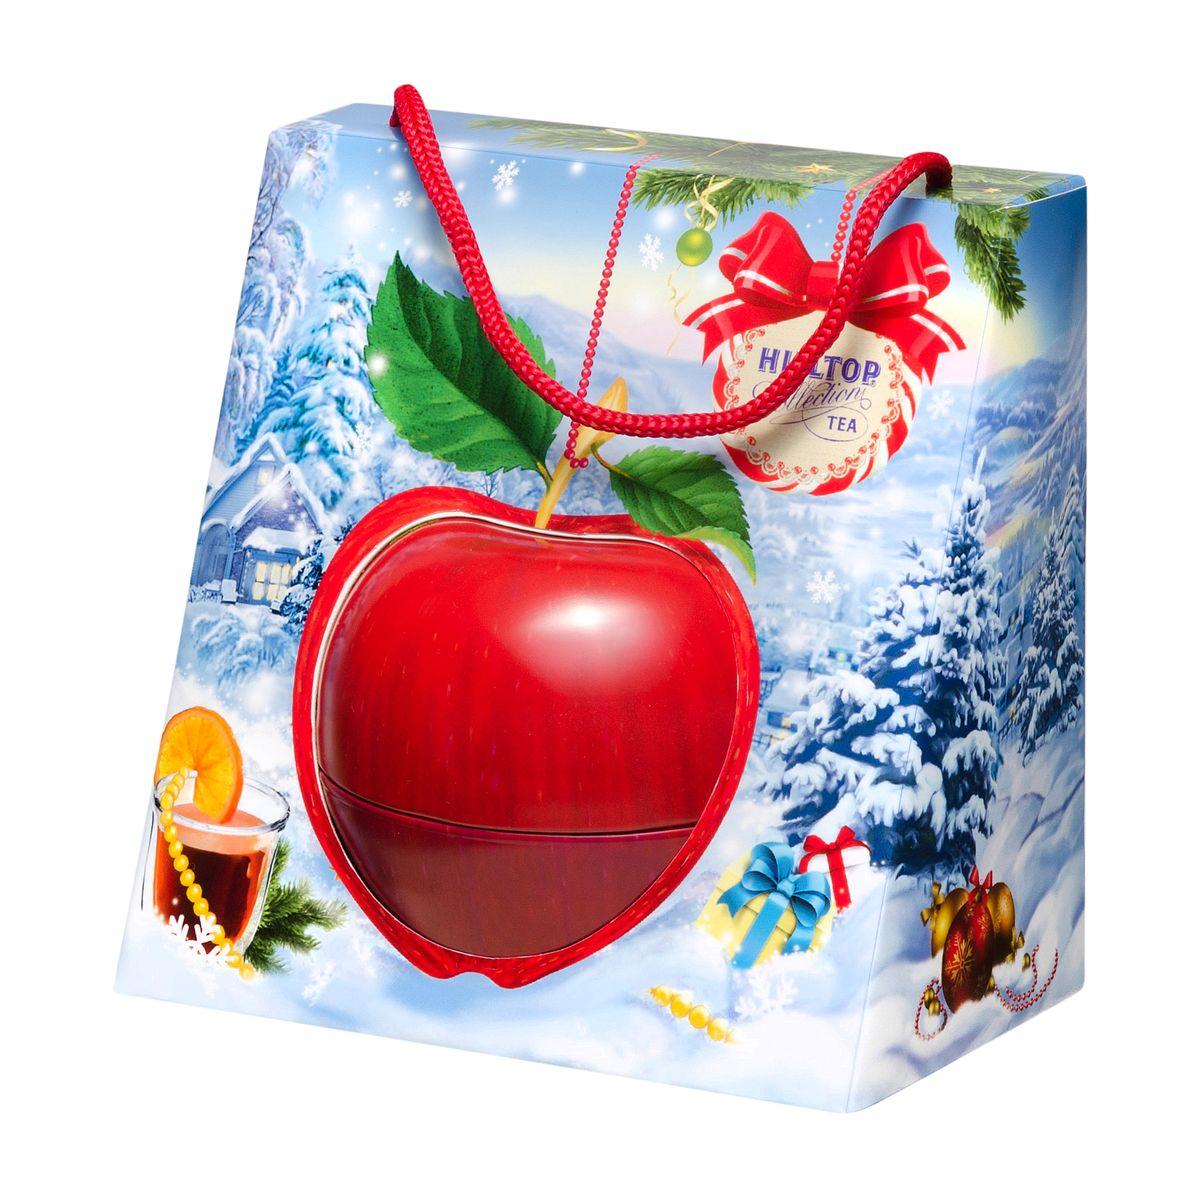 Hilltop Красное яблочко черный листовой чай, 50 г0120710Крупнолистовой цейлонский черный чай с глубоким насыщенным вкусом и изумительным ароматом Hilltop Красное яблочко будет идеальным дополнением к праздничным посиделкам! Яркая упаковка чая порадует вас, а также ваших друзей или близких, а терпкий чайный аромат согреет долгими зимними вечерами.